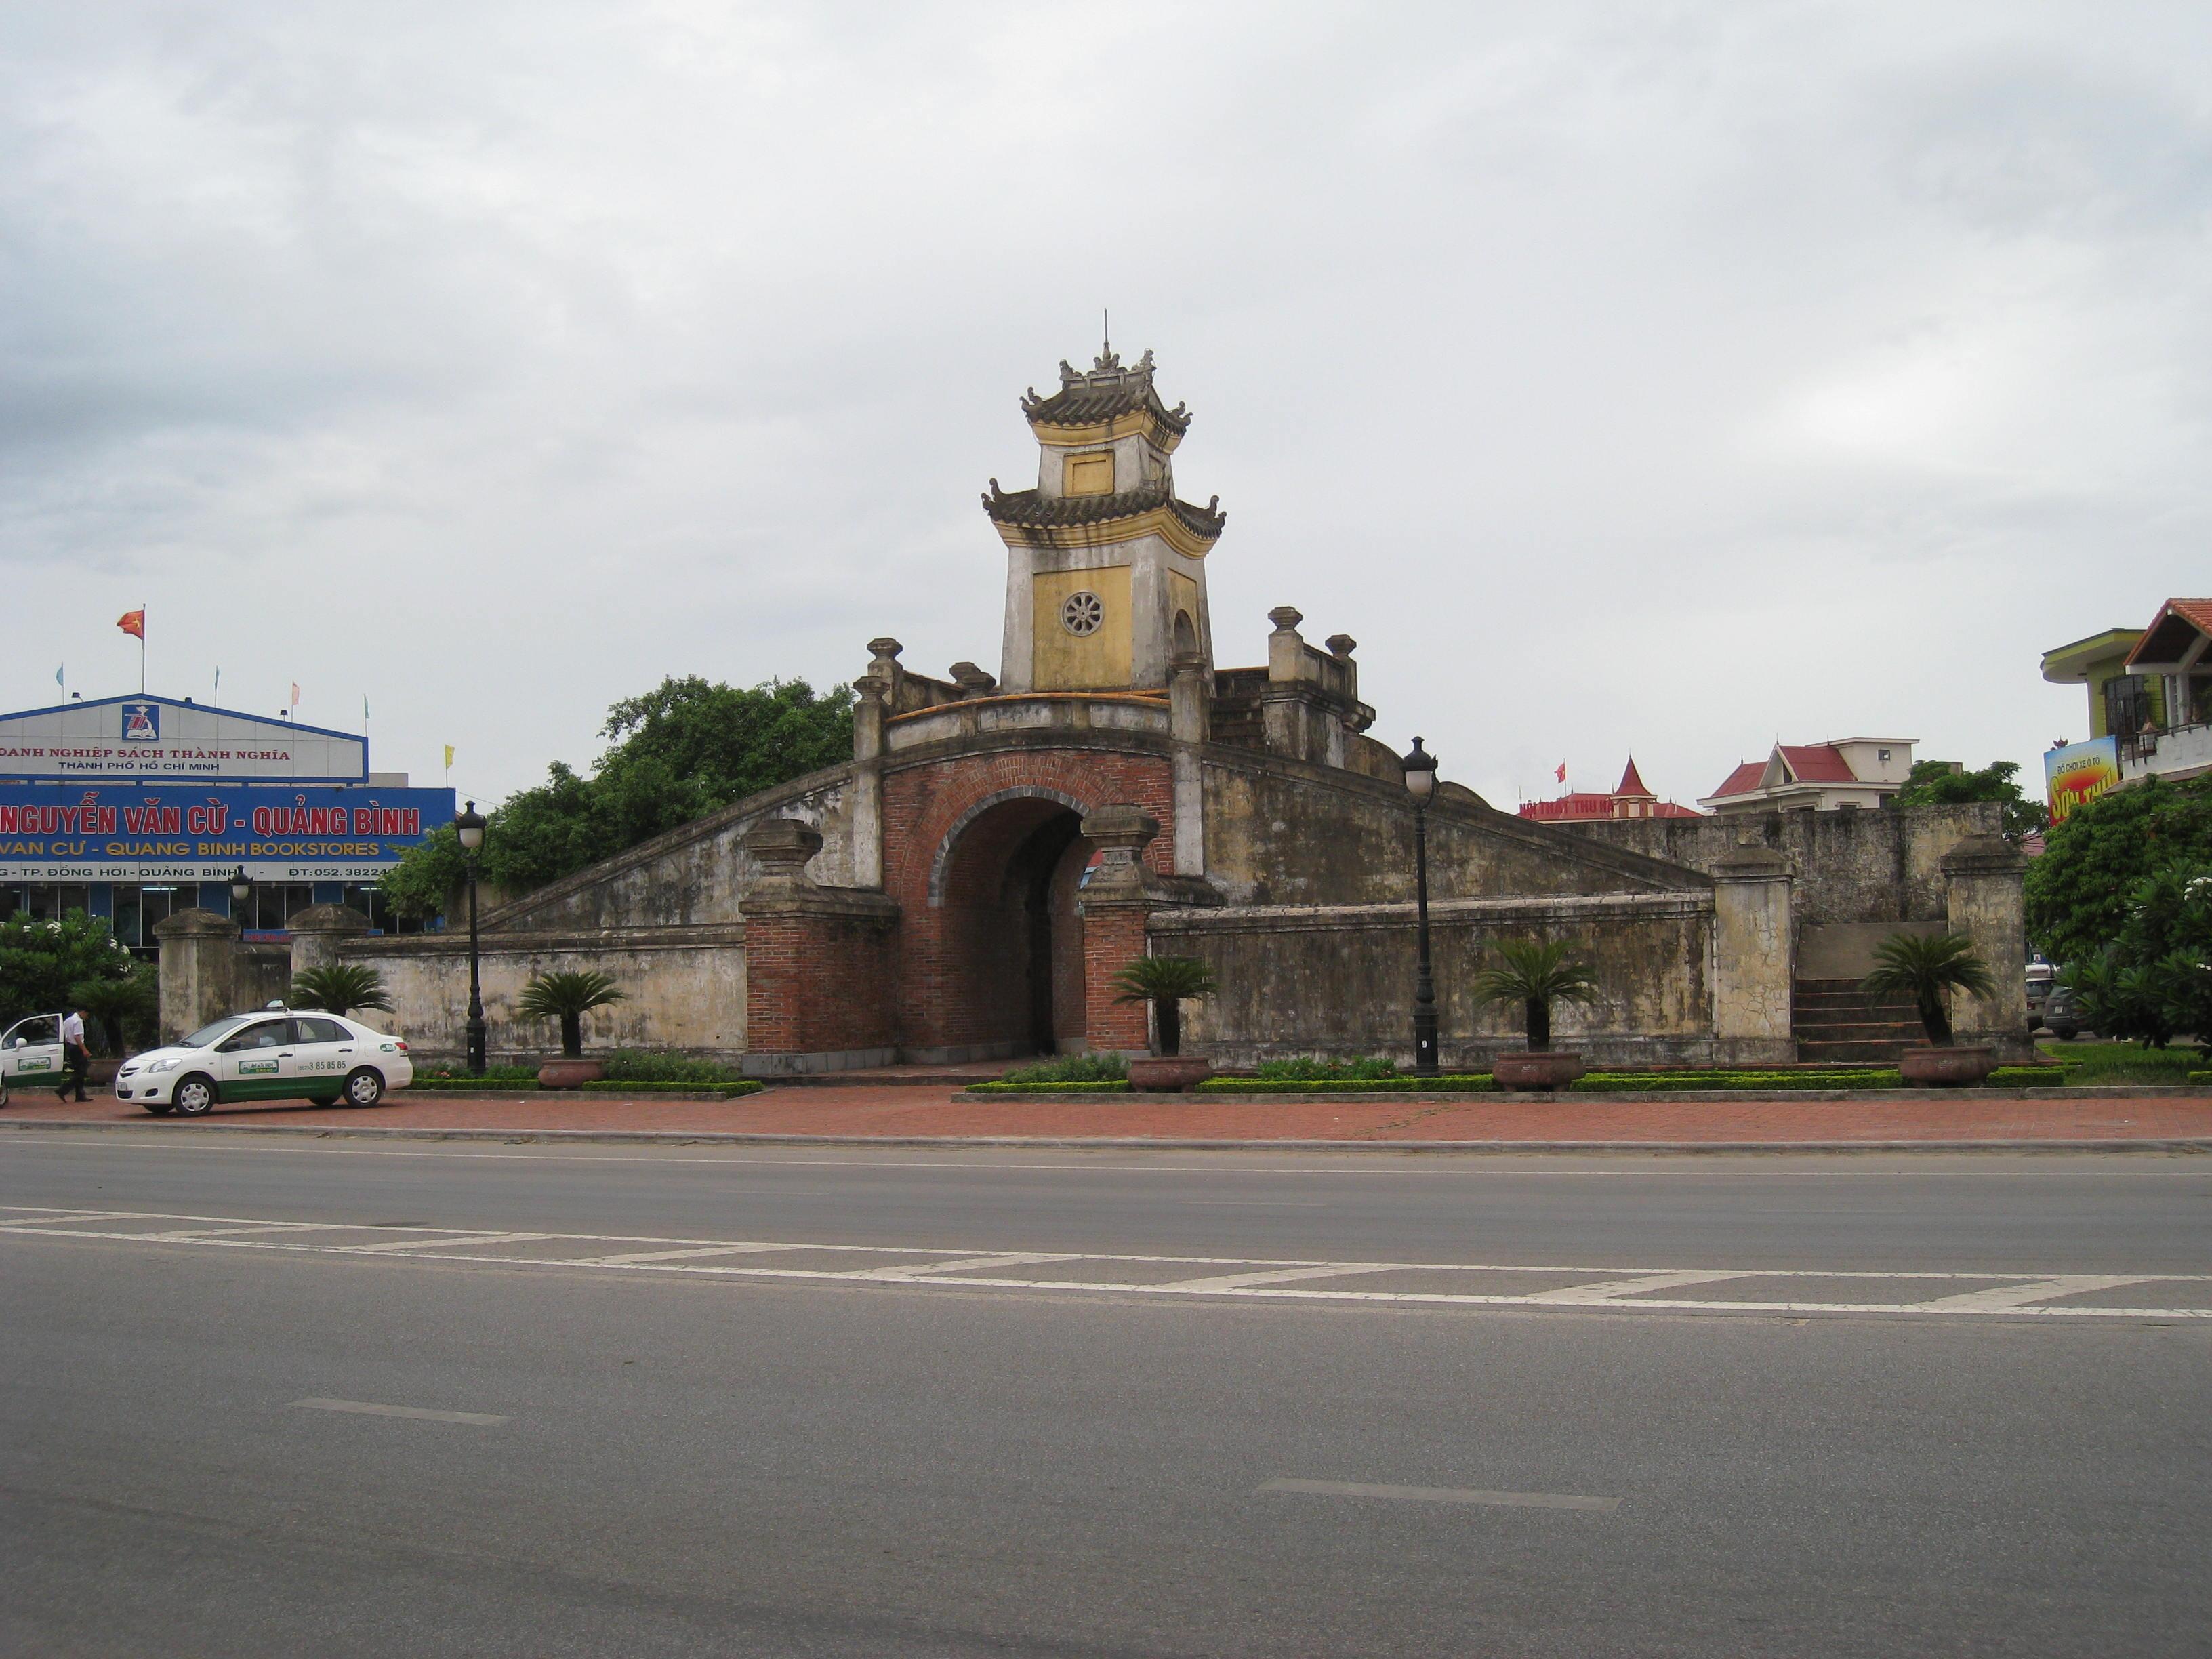 Bán nhớt Motul chính hãng tại Quảng Bình